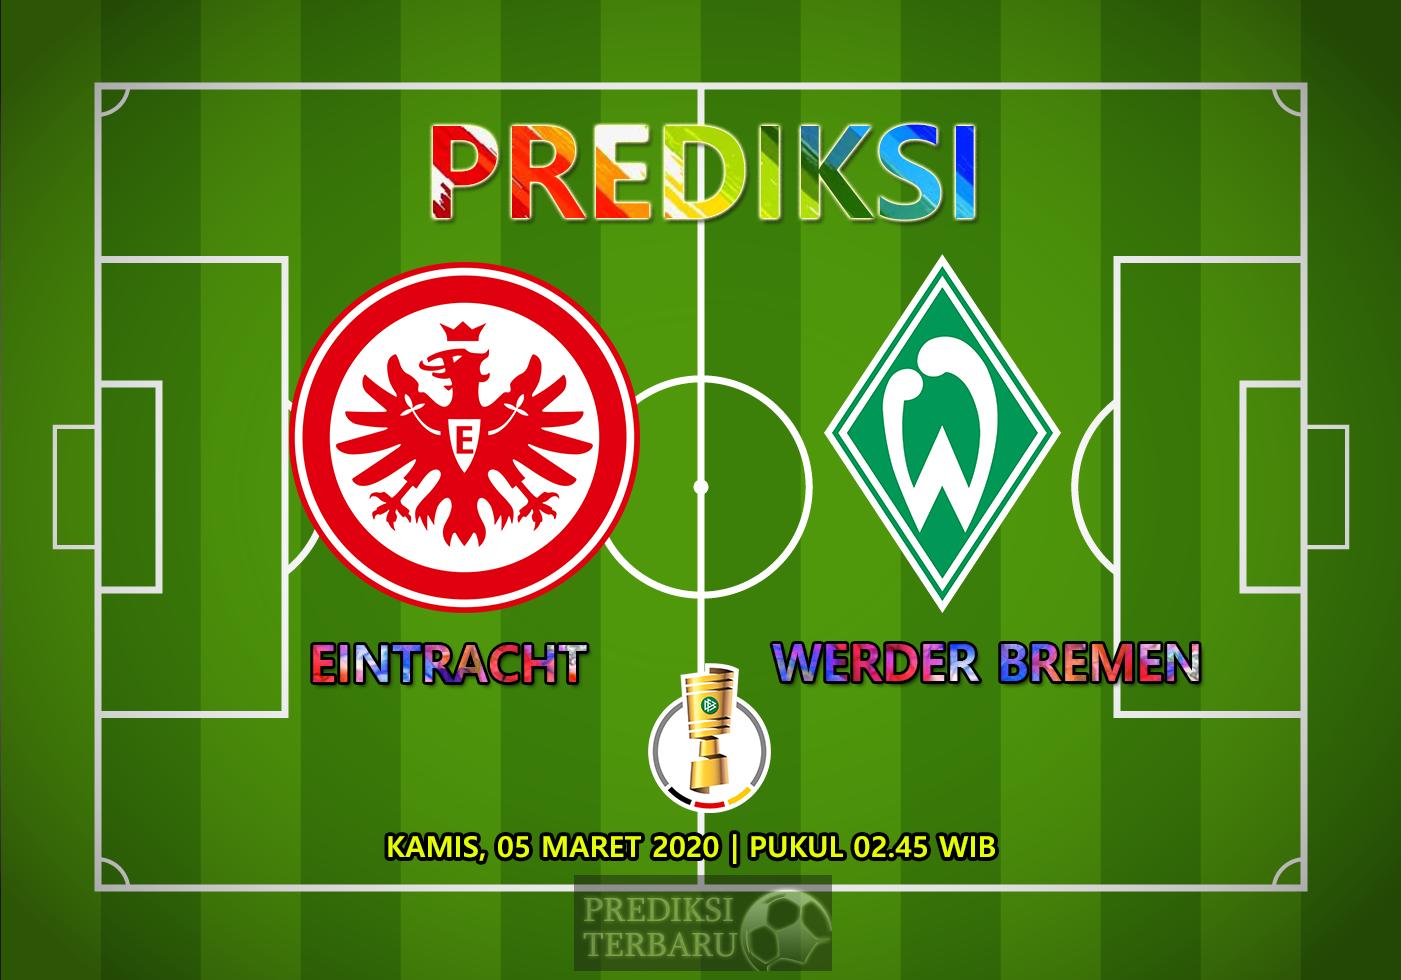 Prediksi Eintracht Frankfurt Vs Werder Bremen Kamis 05 Maret